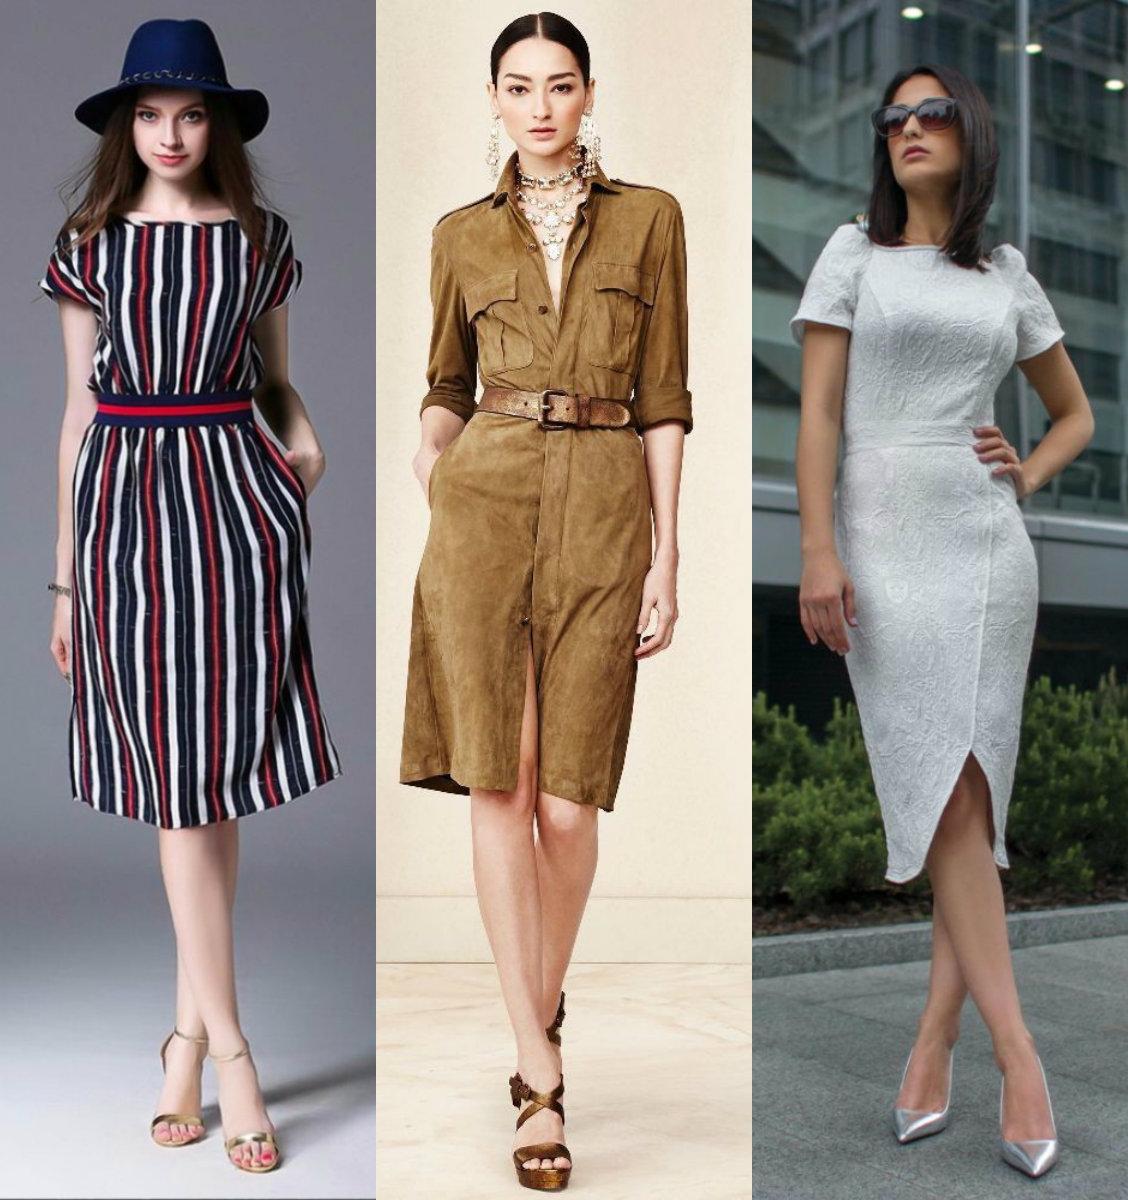 модные тенденции платьев 2019: разнообразие моделей